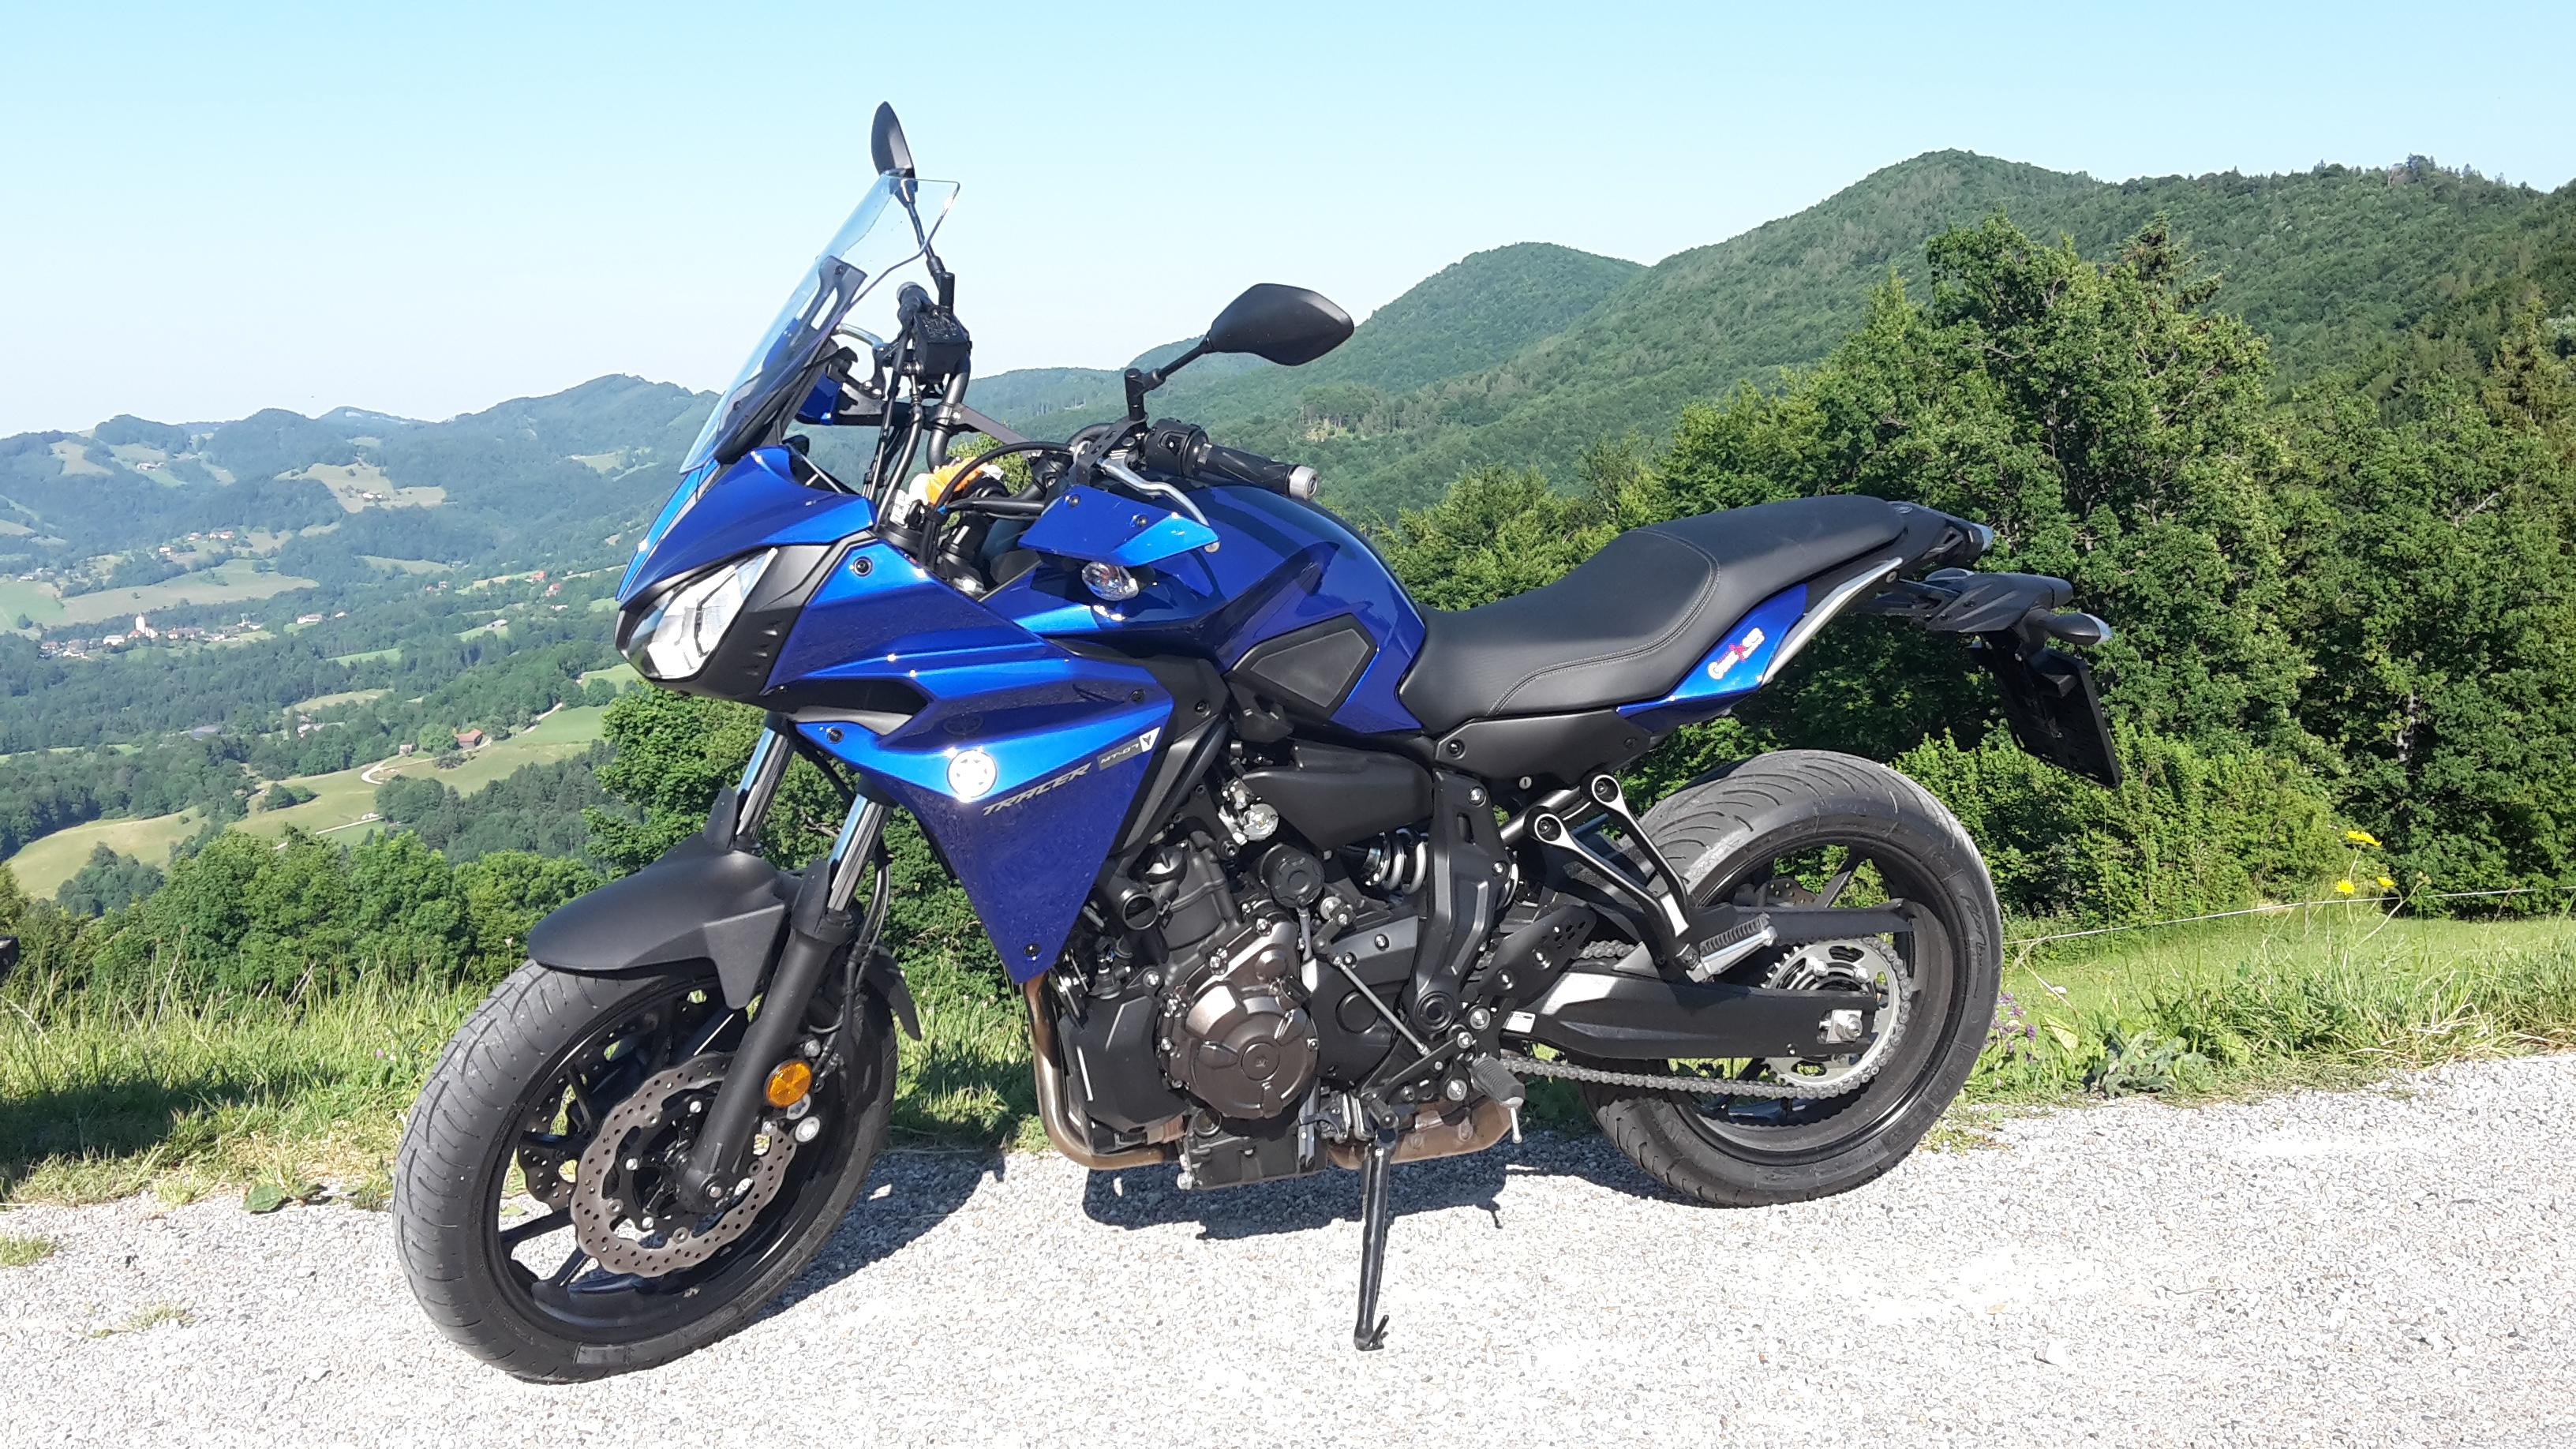 File2017 06 19 Yamaha 700 Tracer Baujahr 2017 Blau